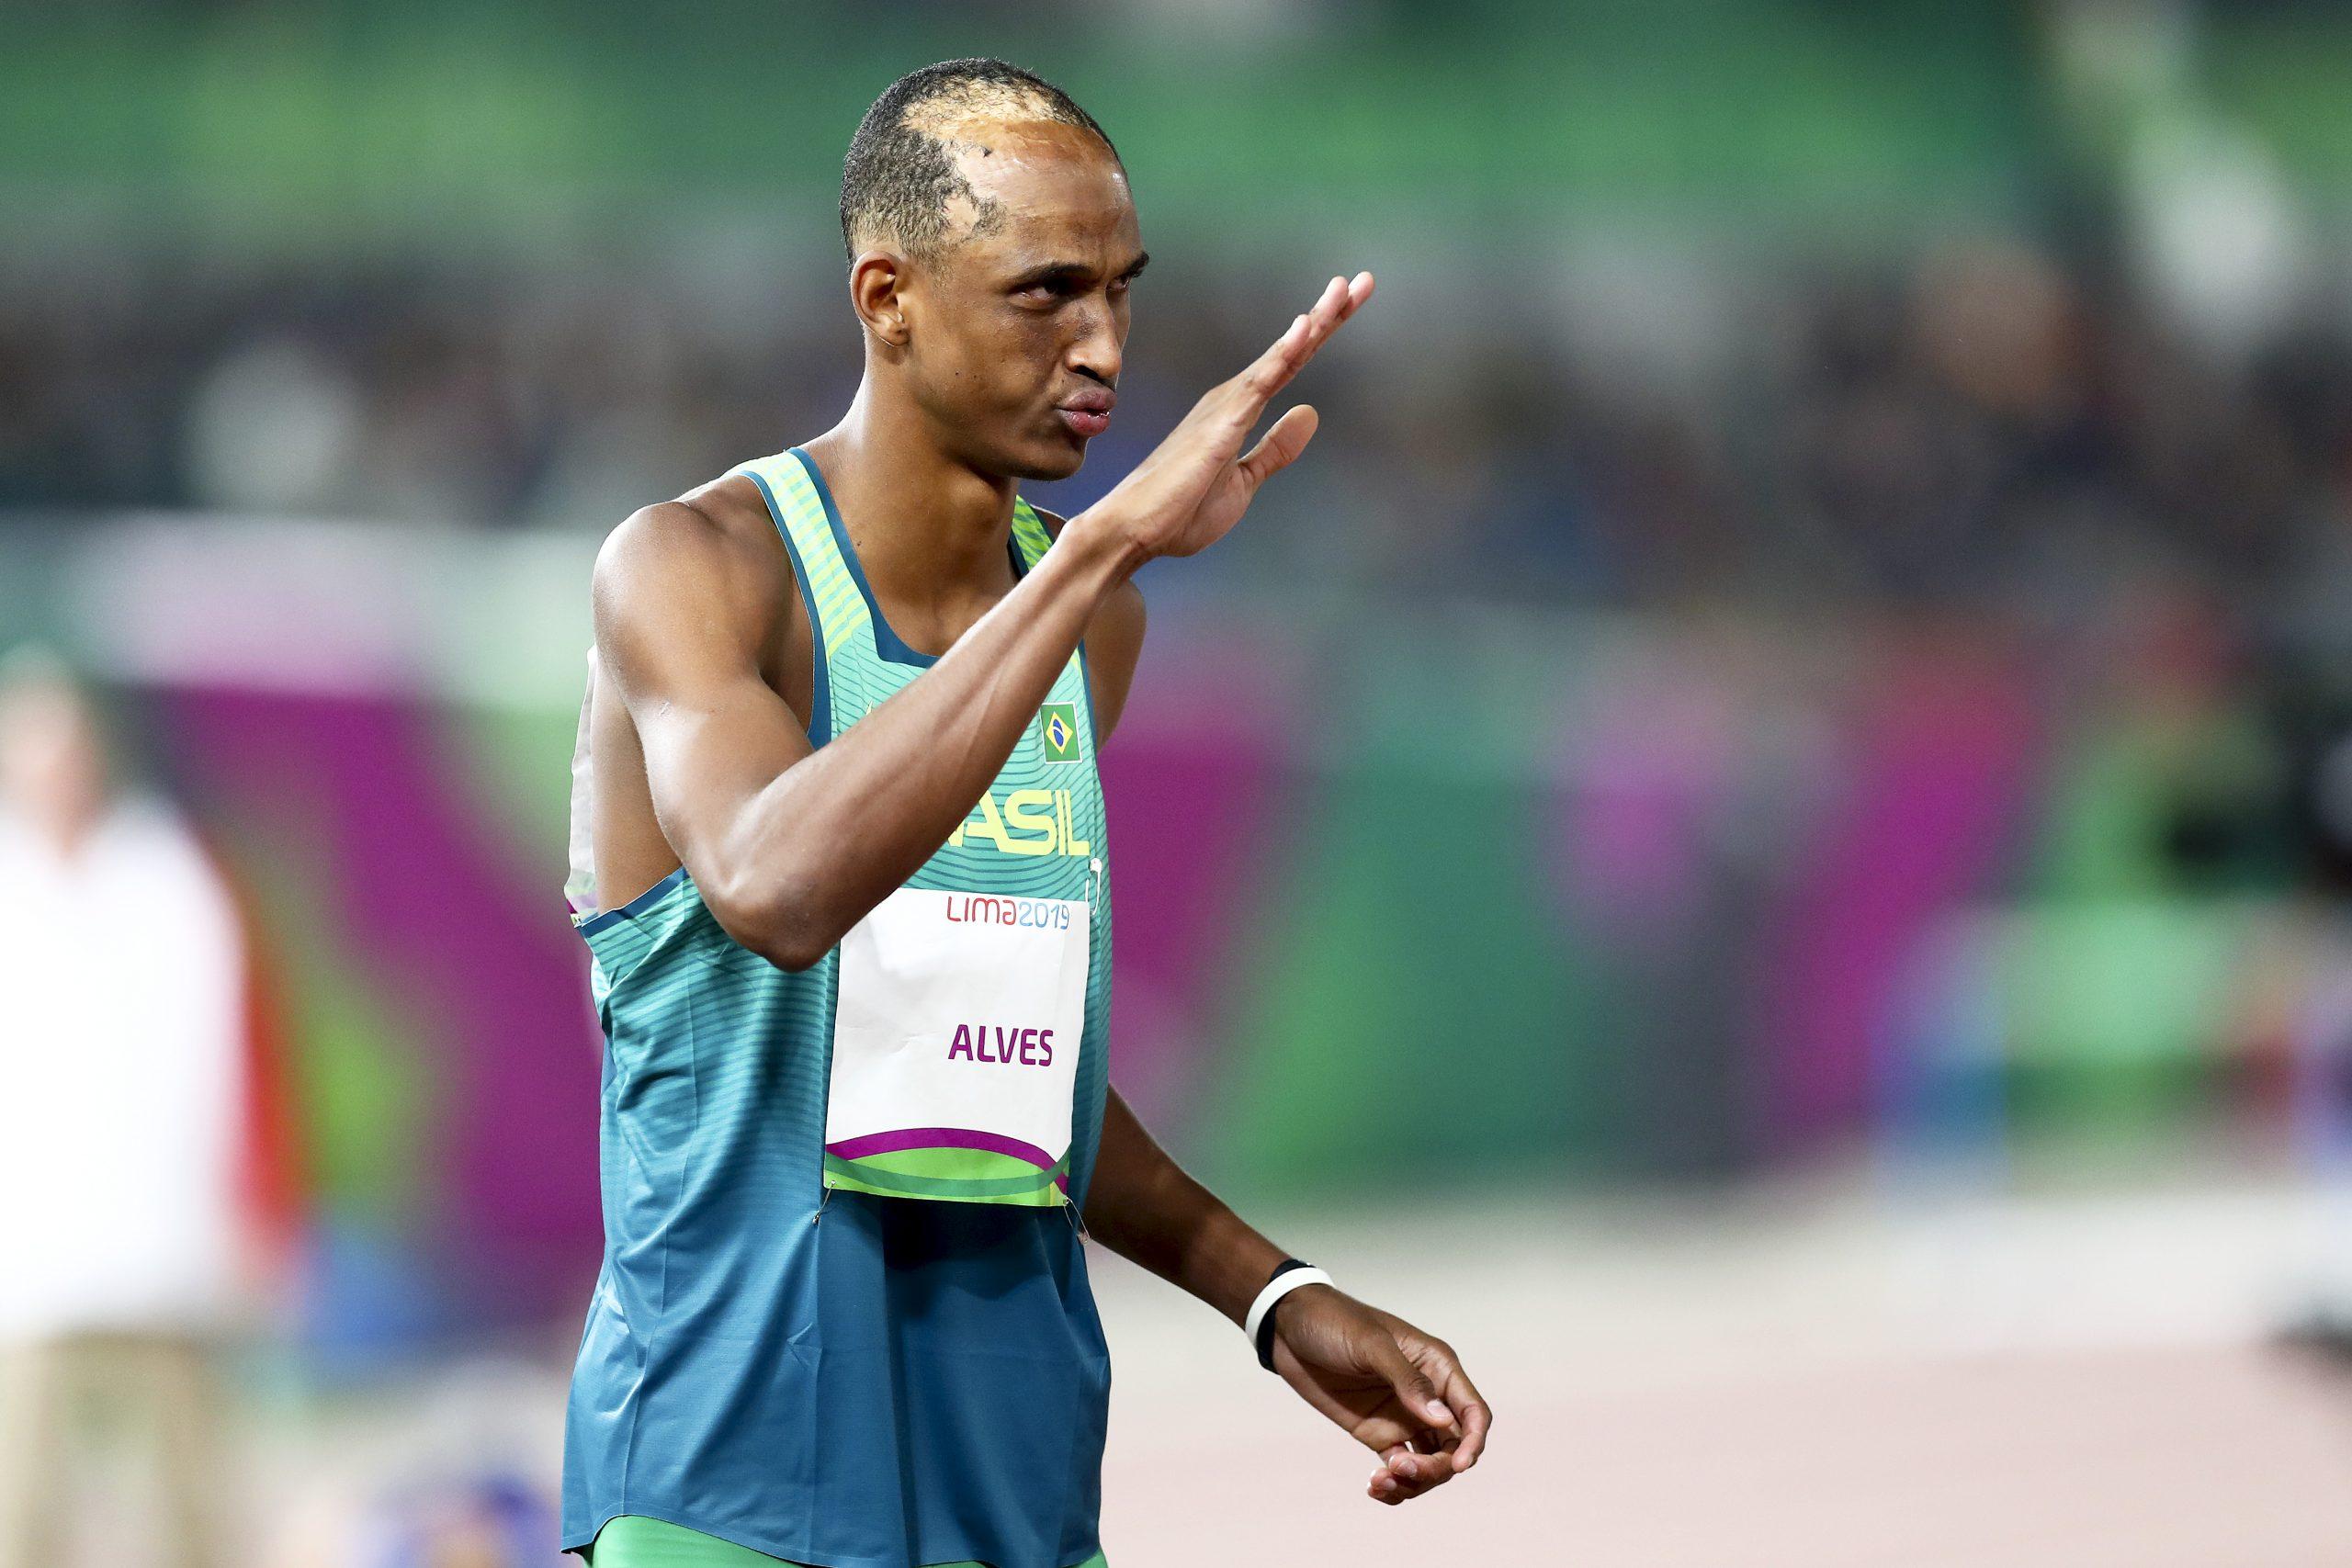 Alison dos Santos disputa prêmio revelação de 2019 do atletismo mundial - Foto: Daniel Sigaki/CBAt